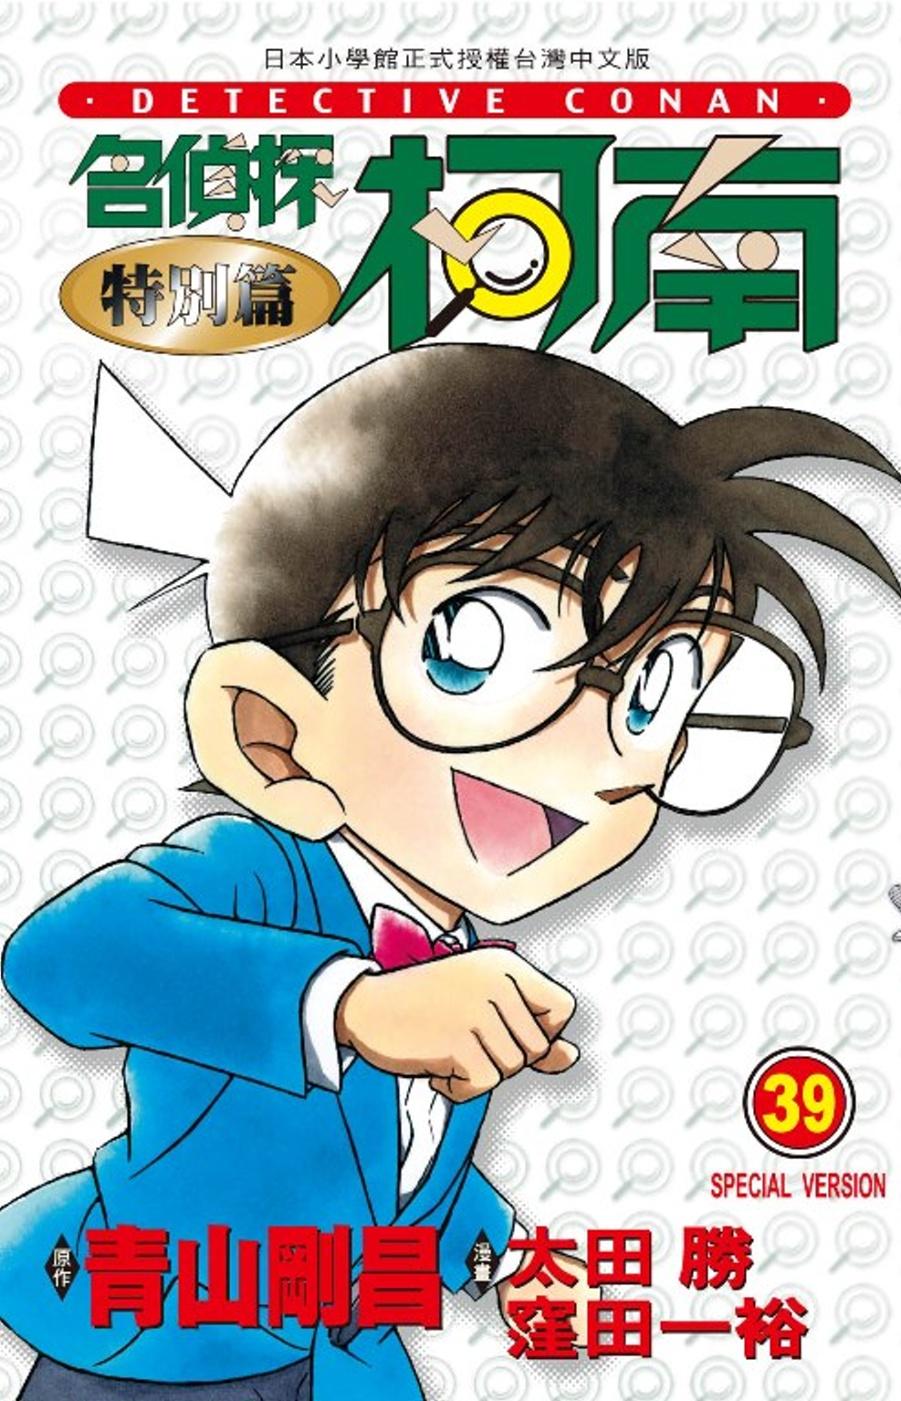 名偵探柯南特別篇(39)